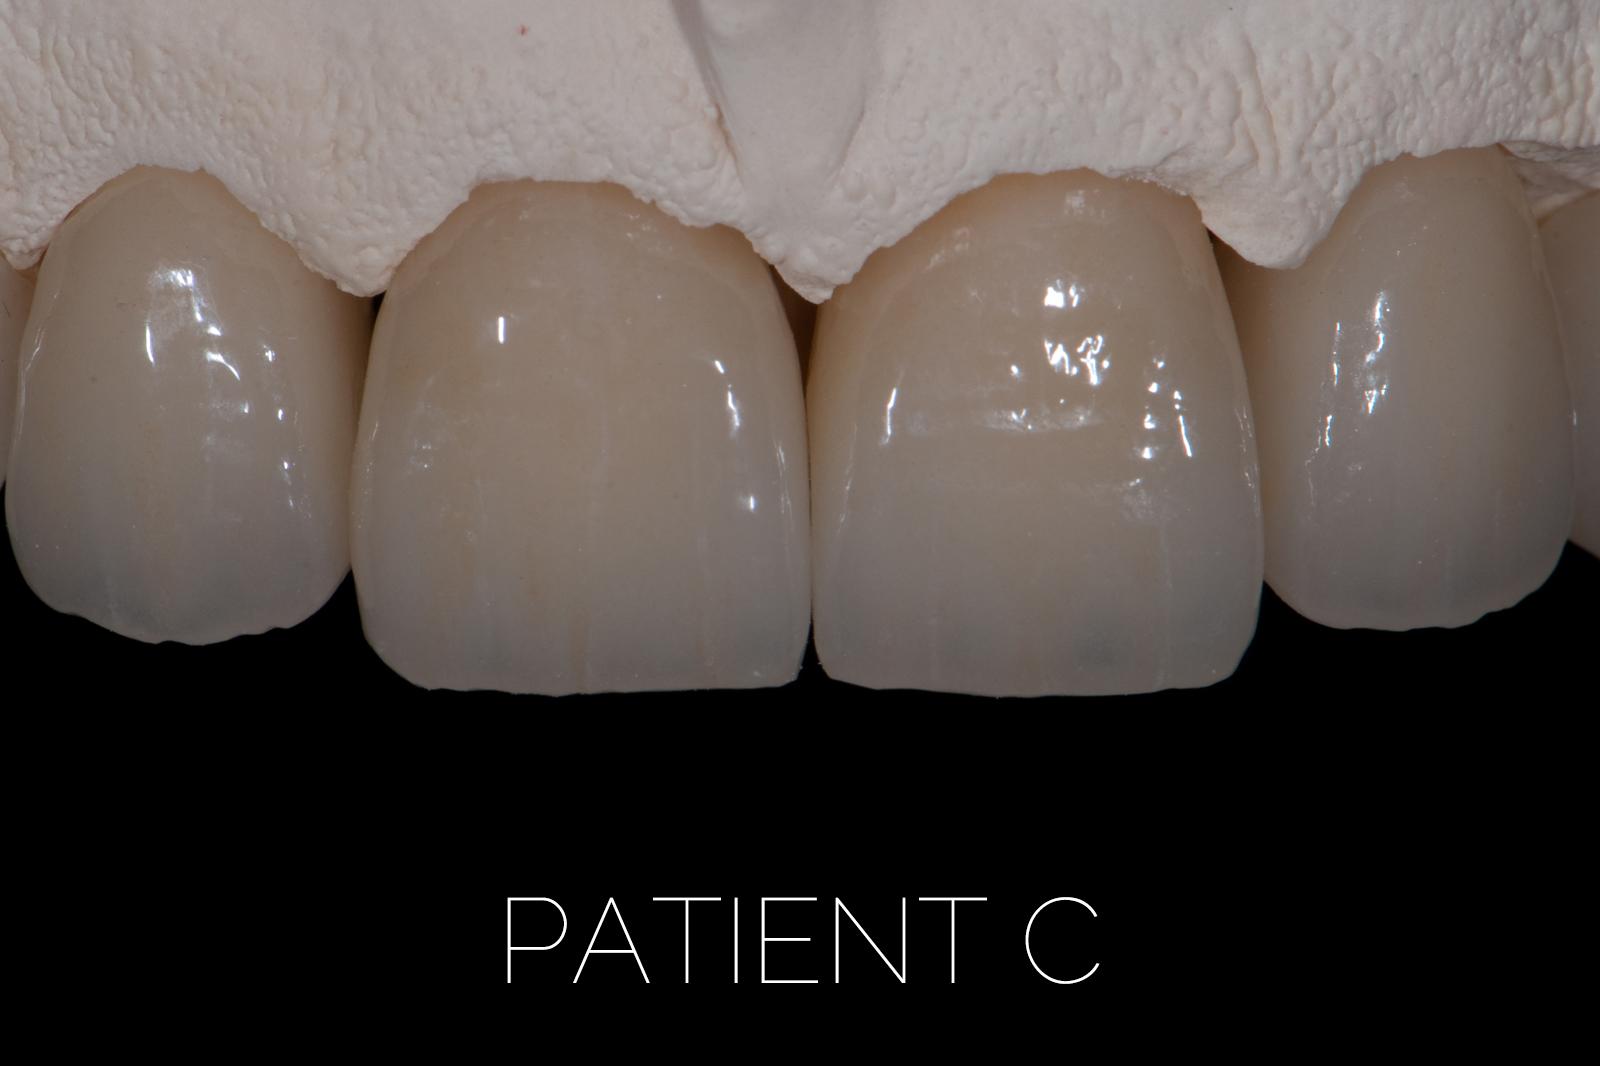 Patient C